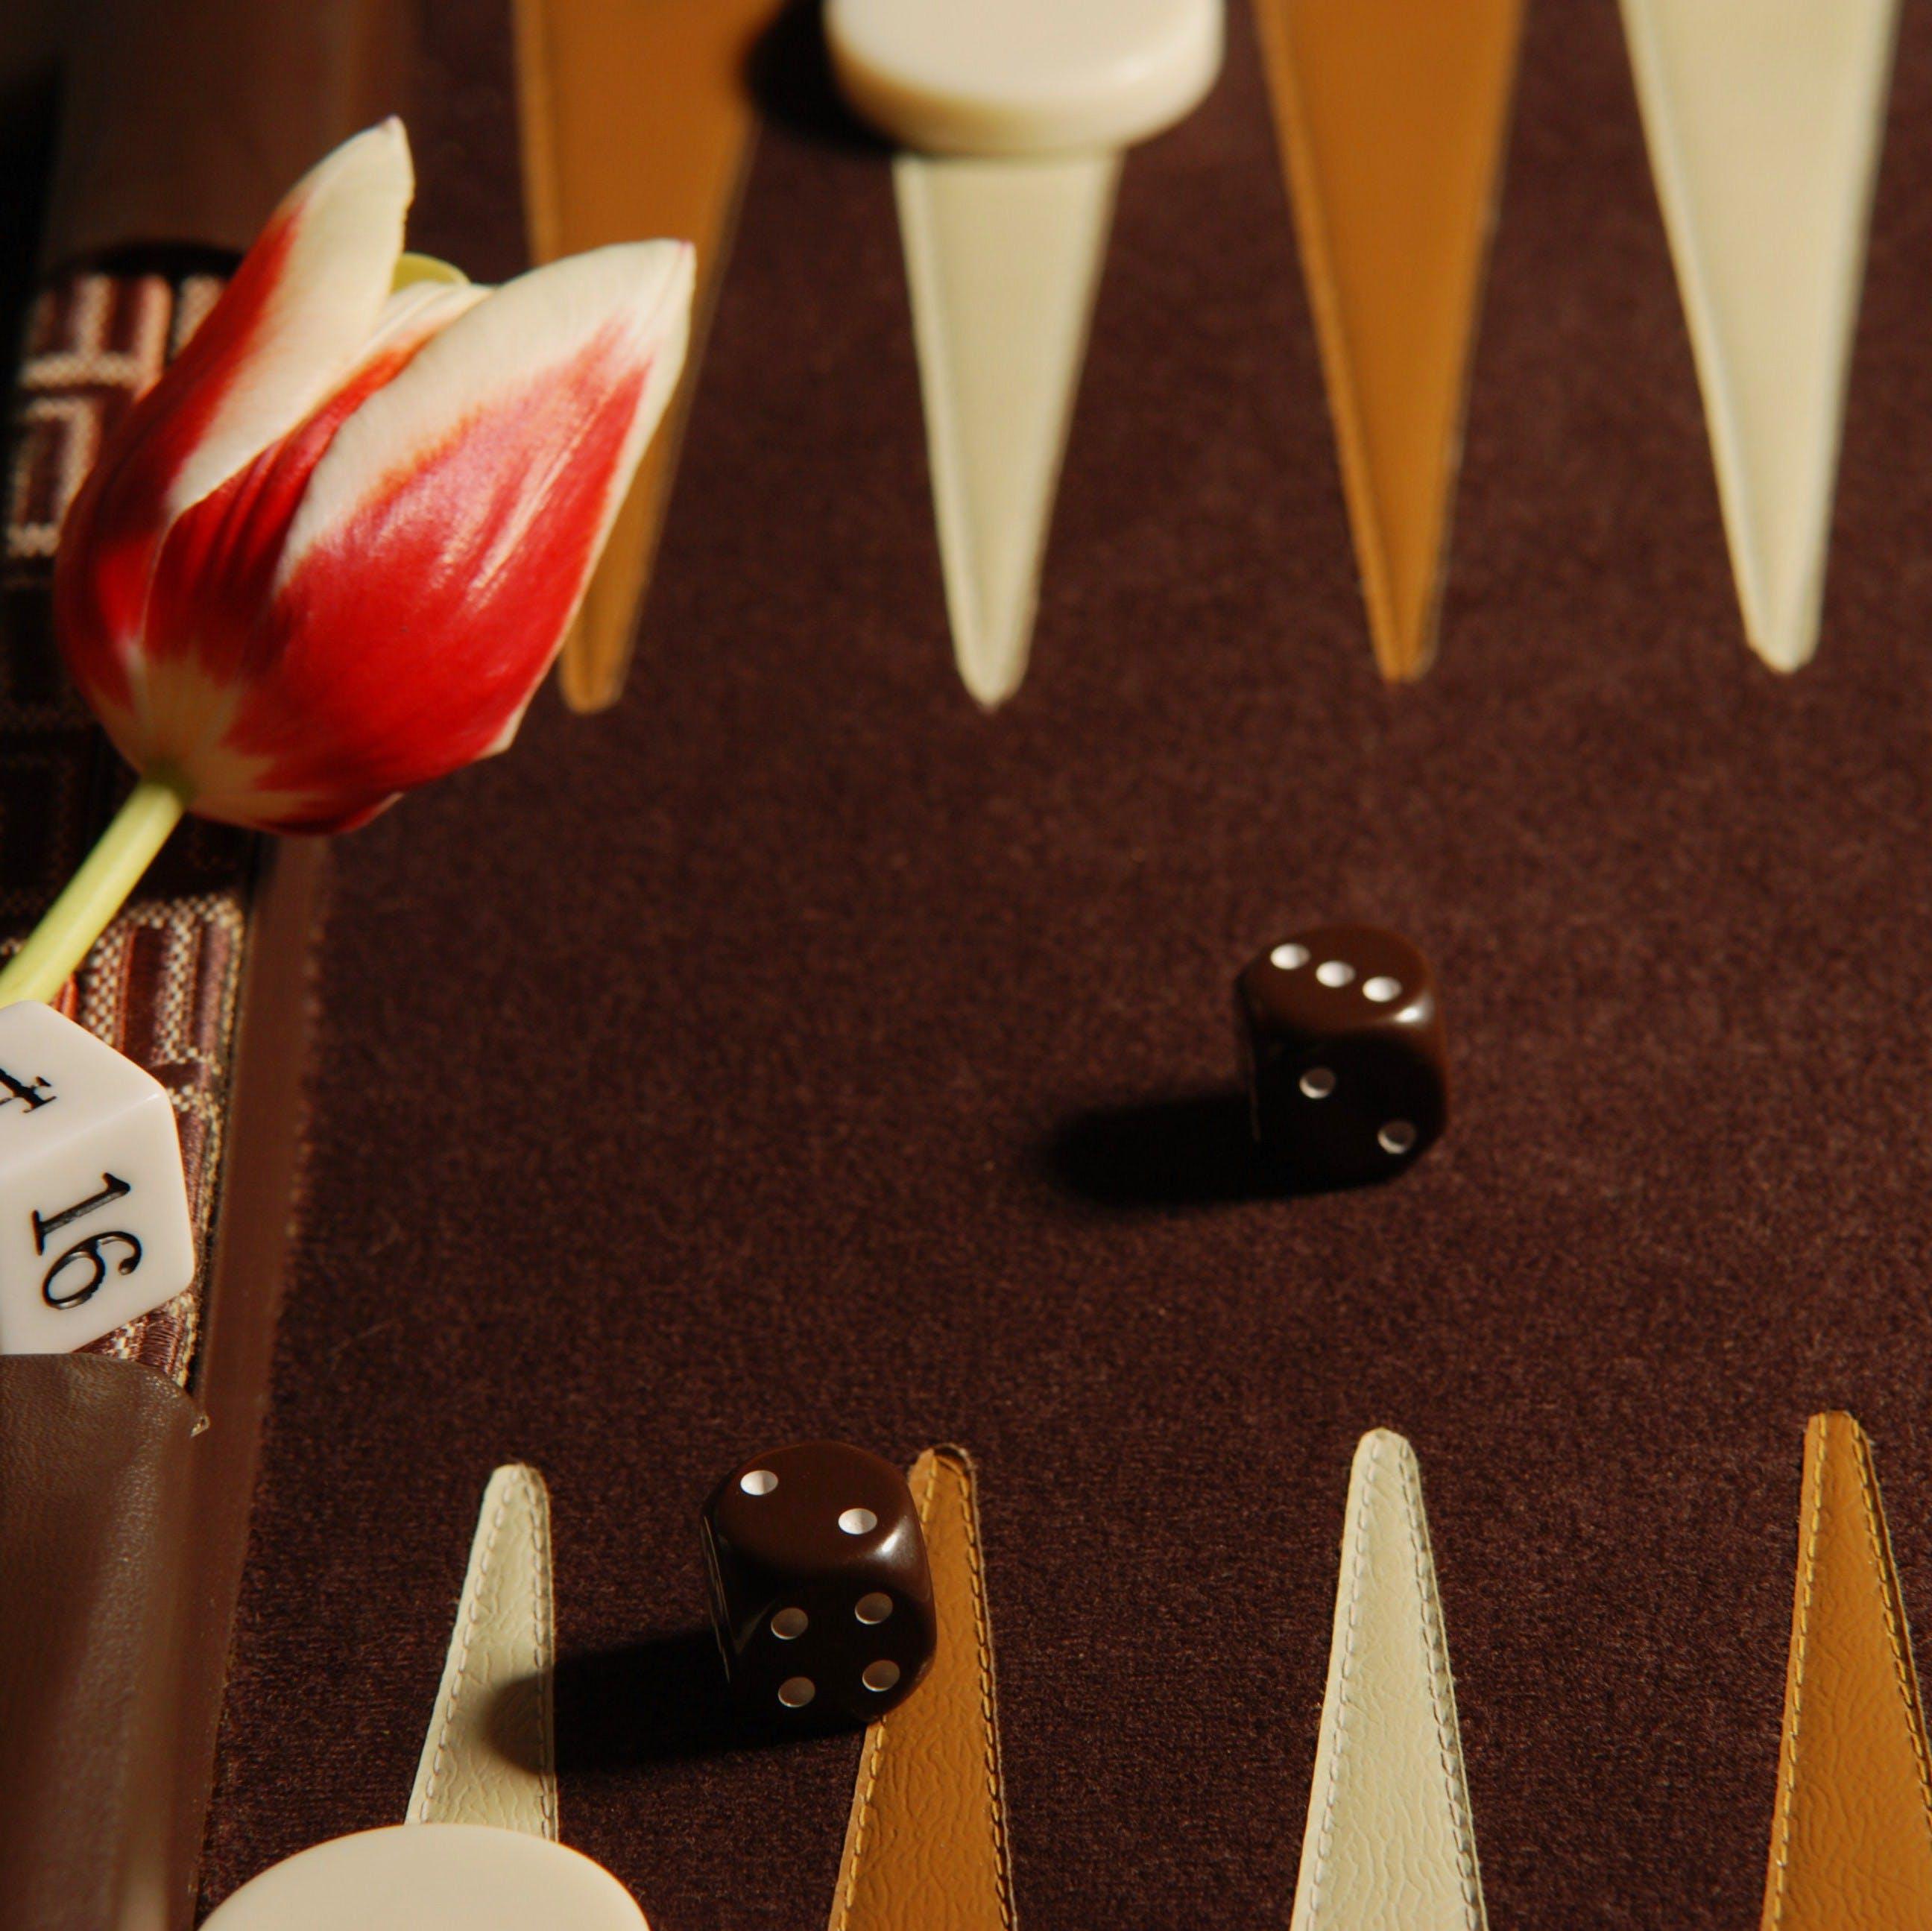 Gratis lagerfoto af backgammon, terning, tulipan